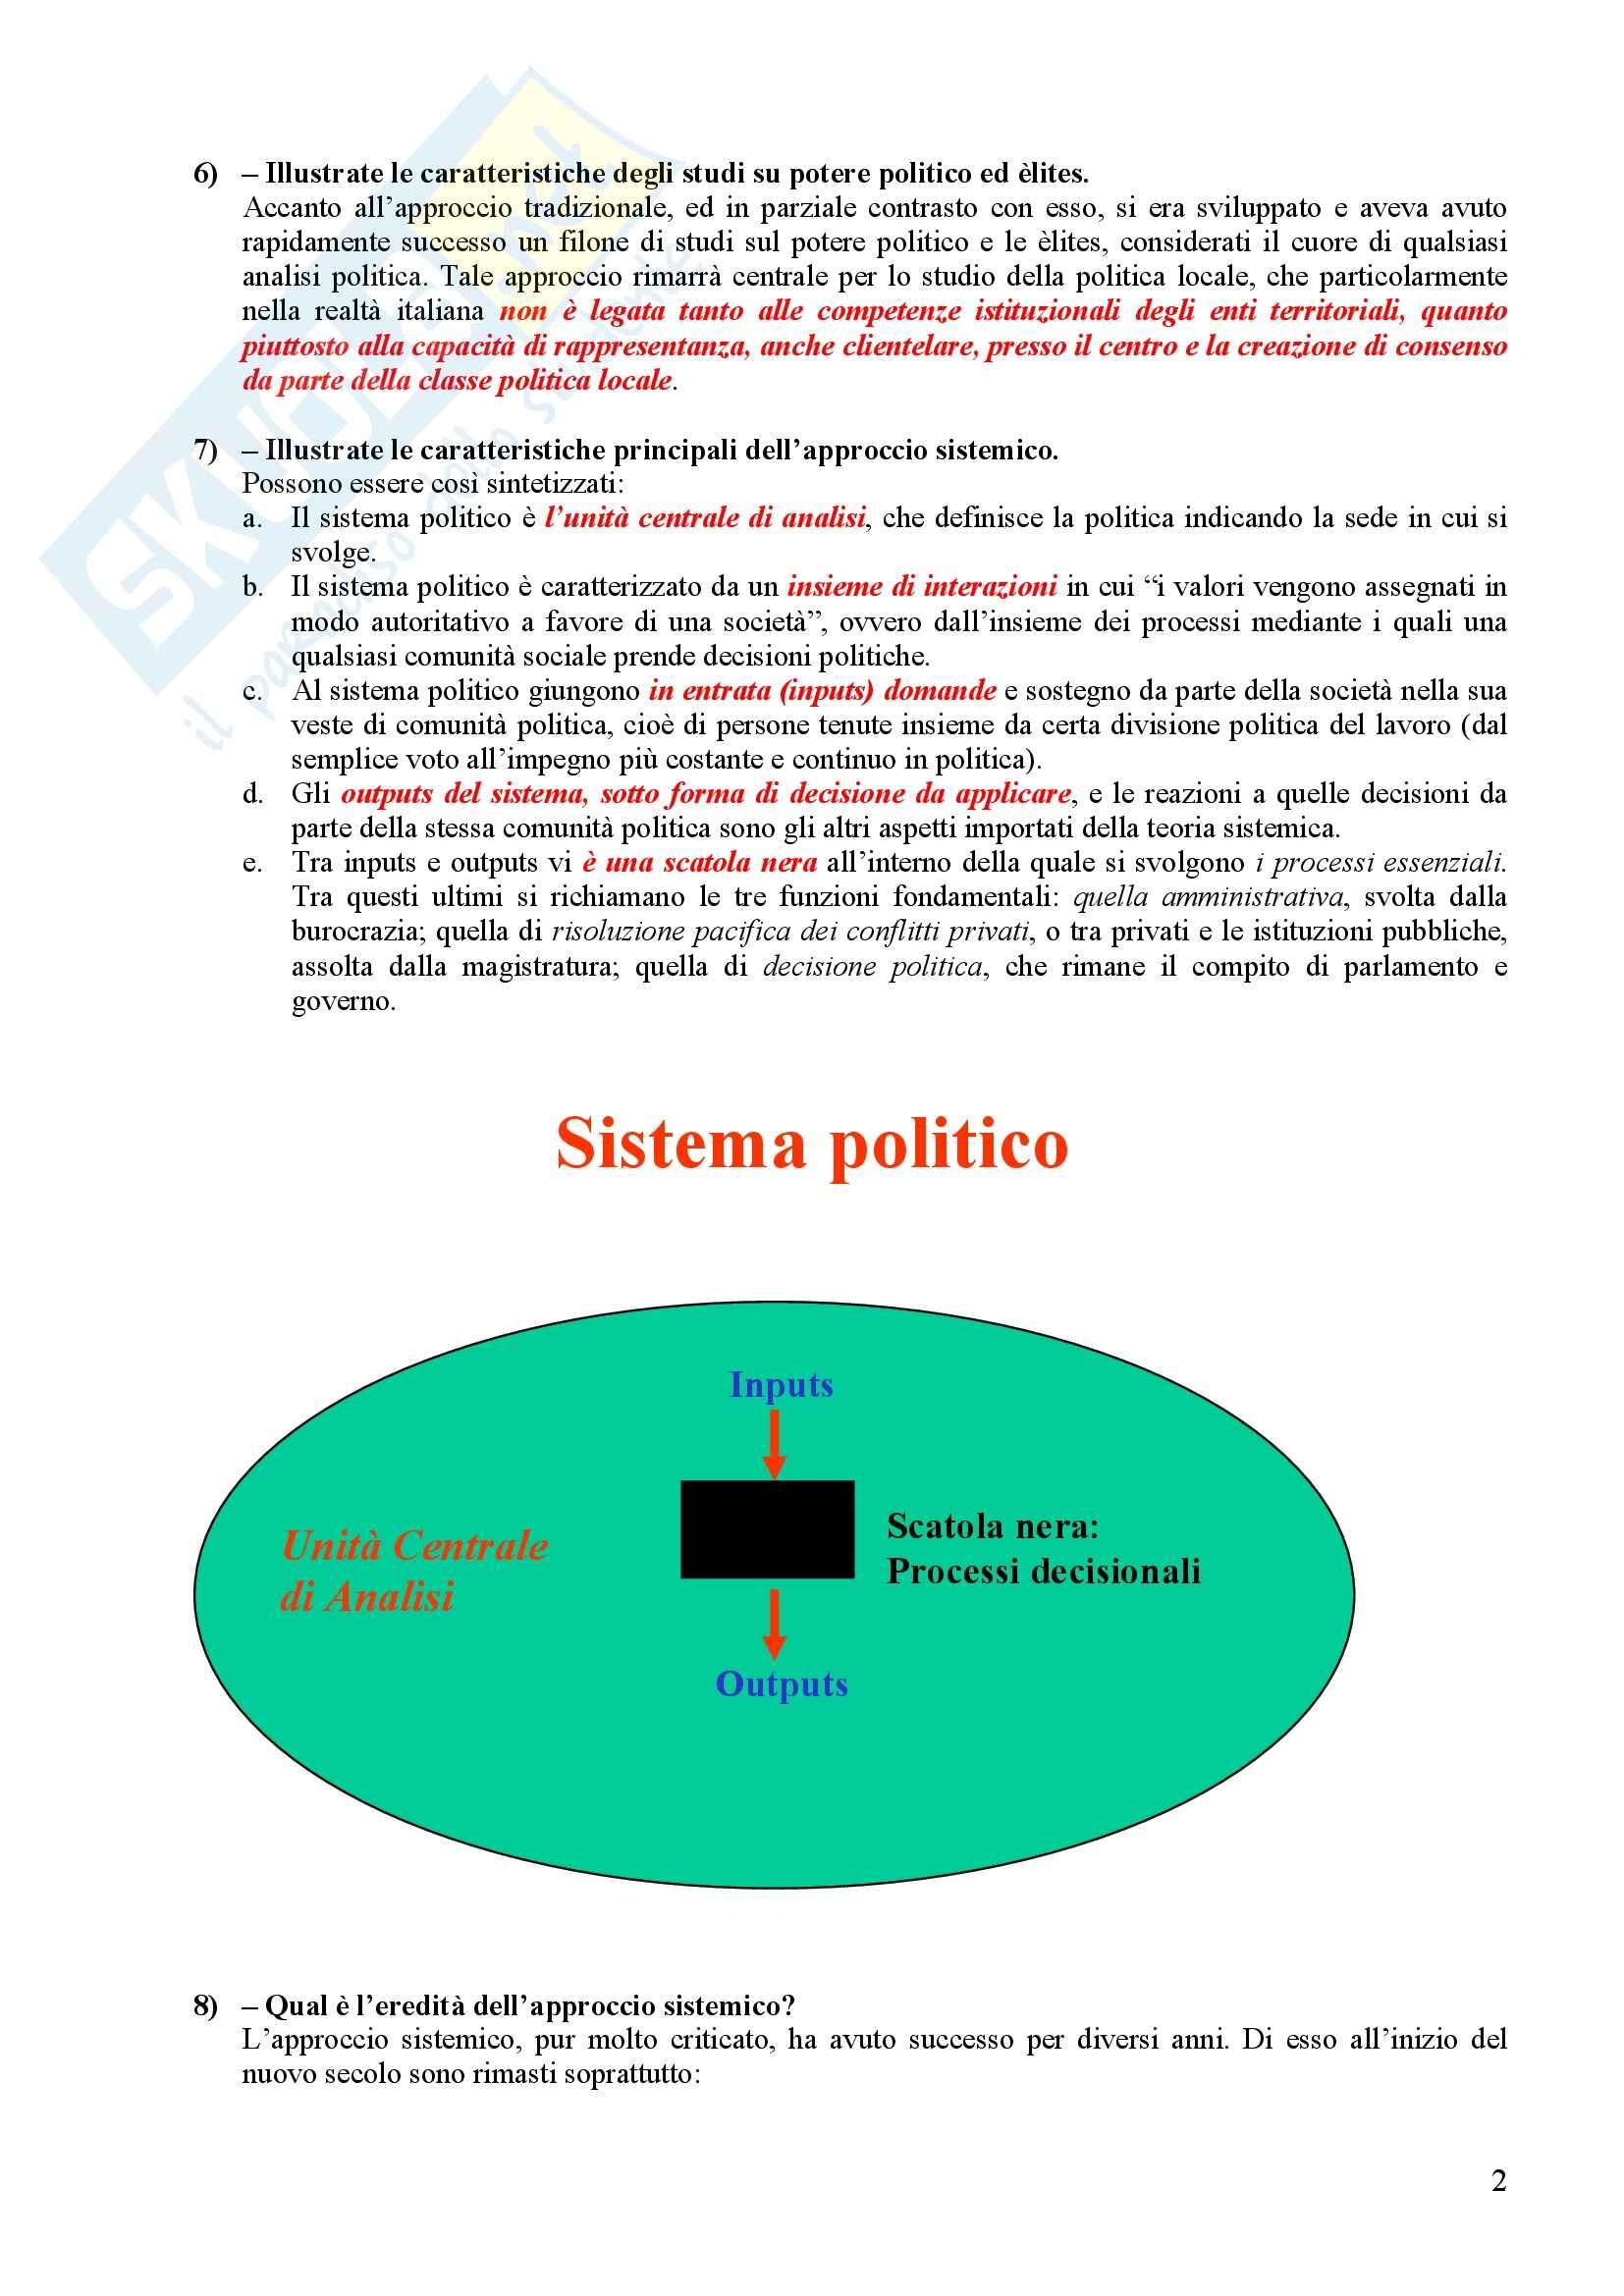 Scienza politica - Domande e risposte Pag. 2